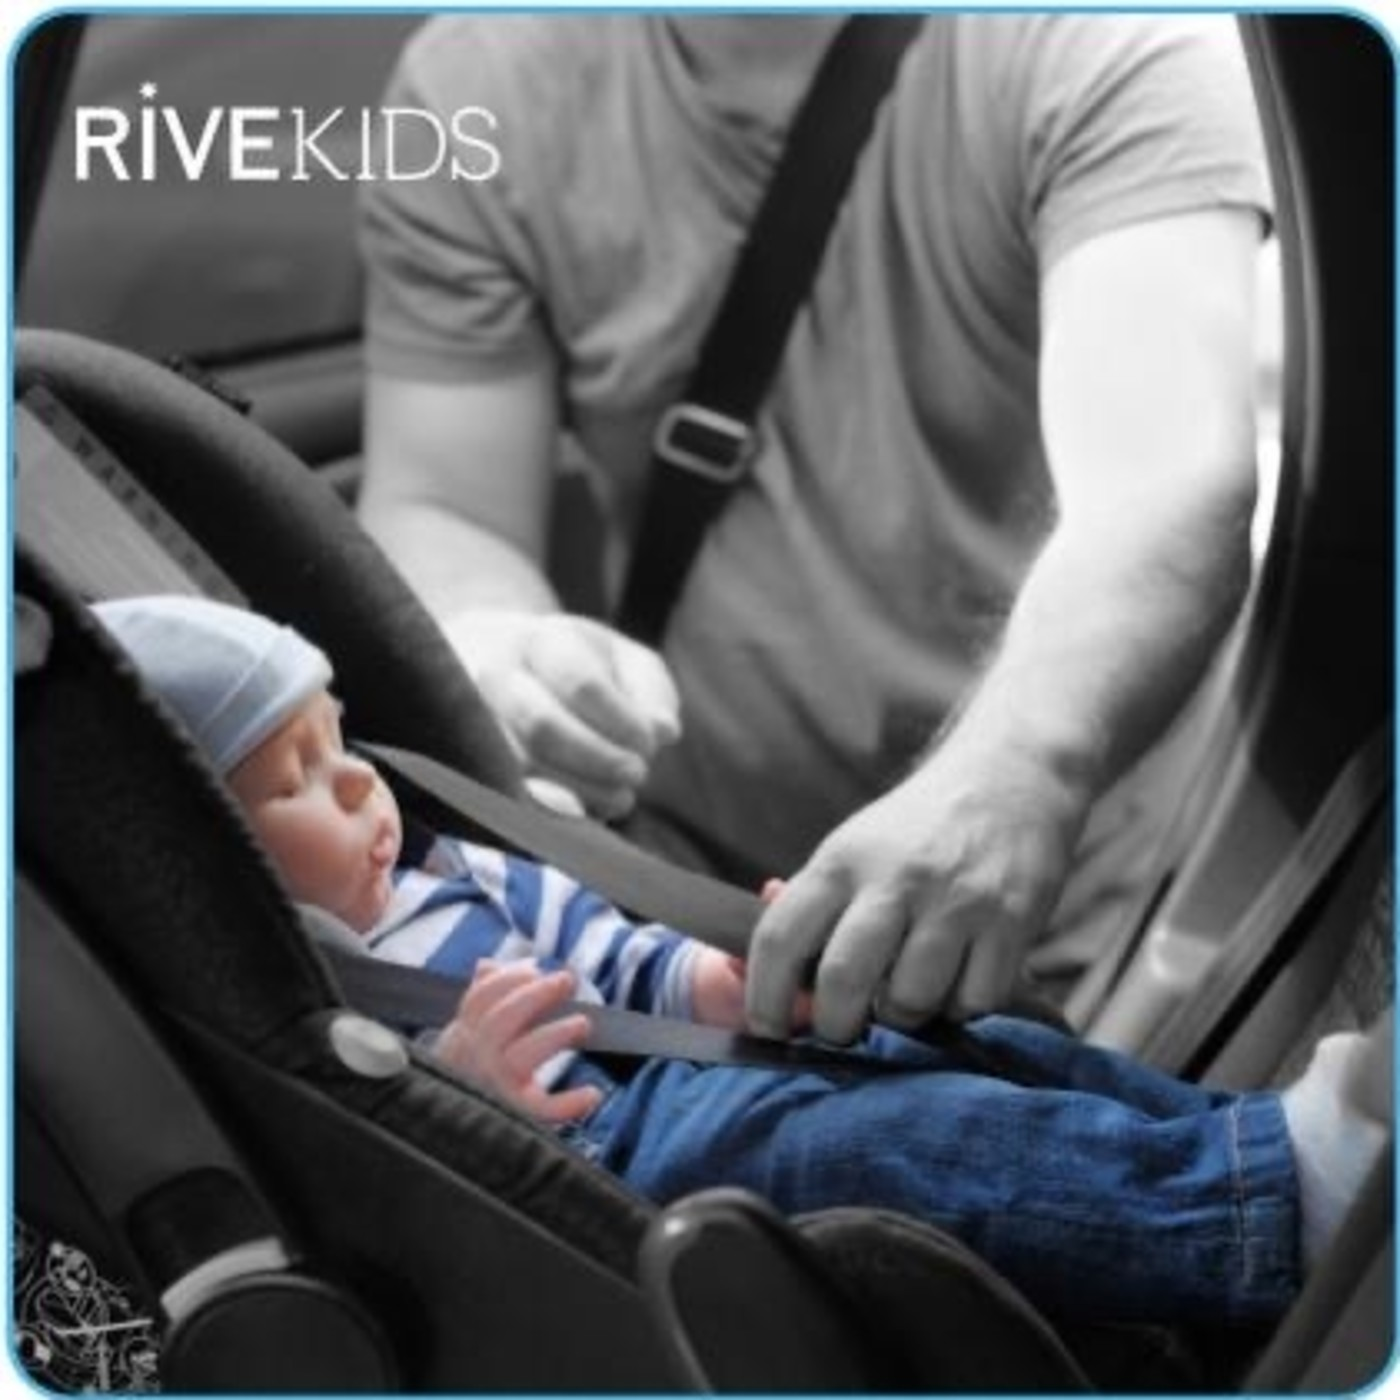 Seguridad Vial y Educación Vial con RiveKids